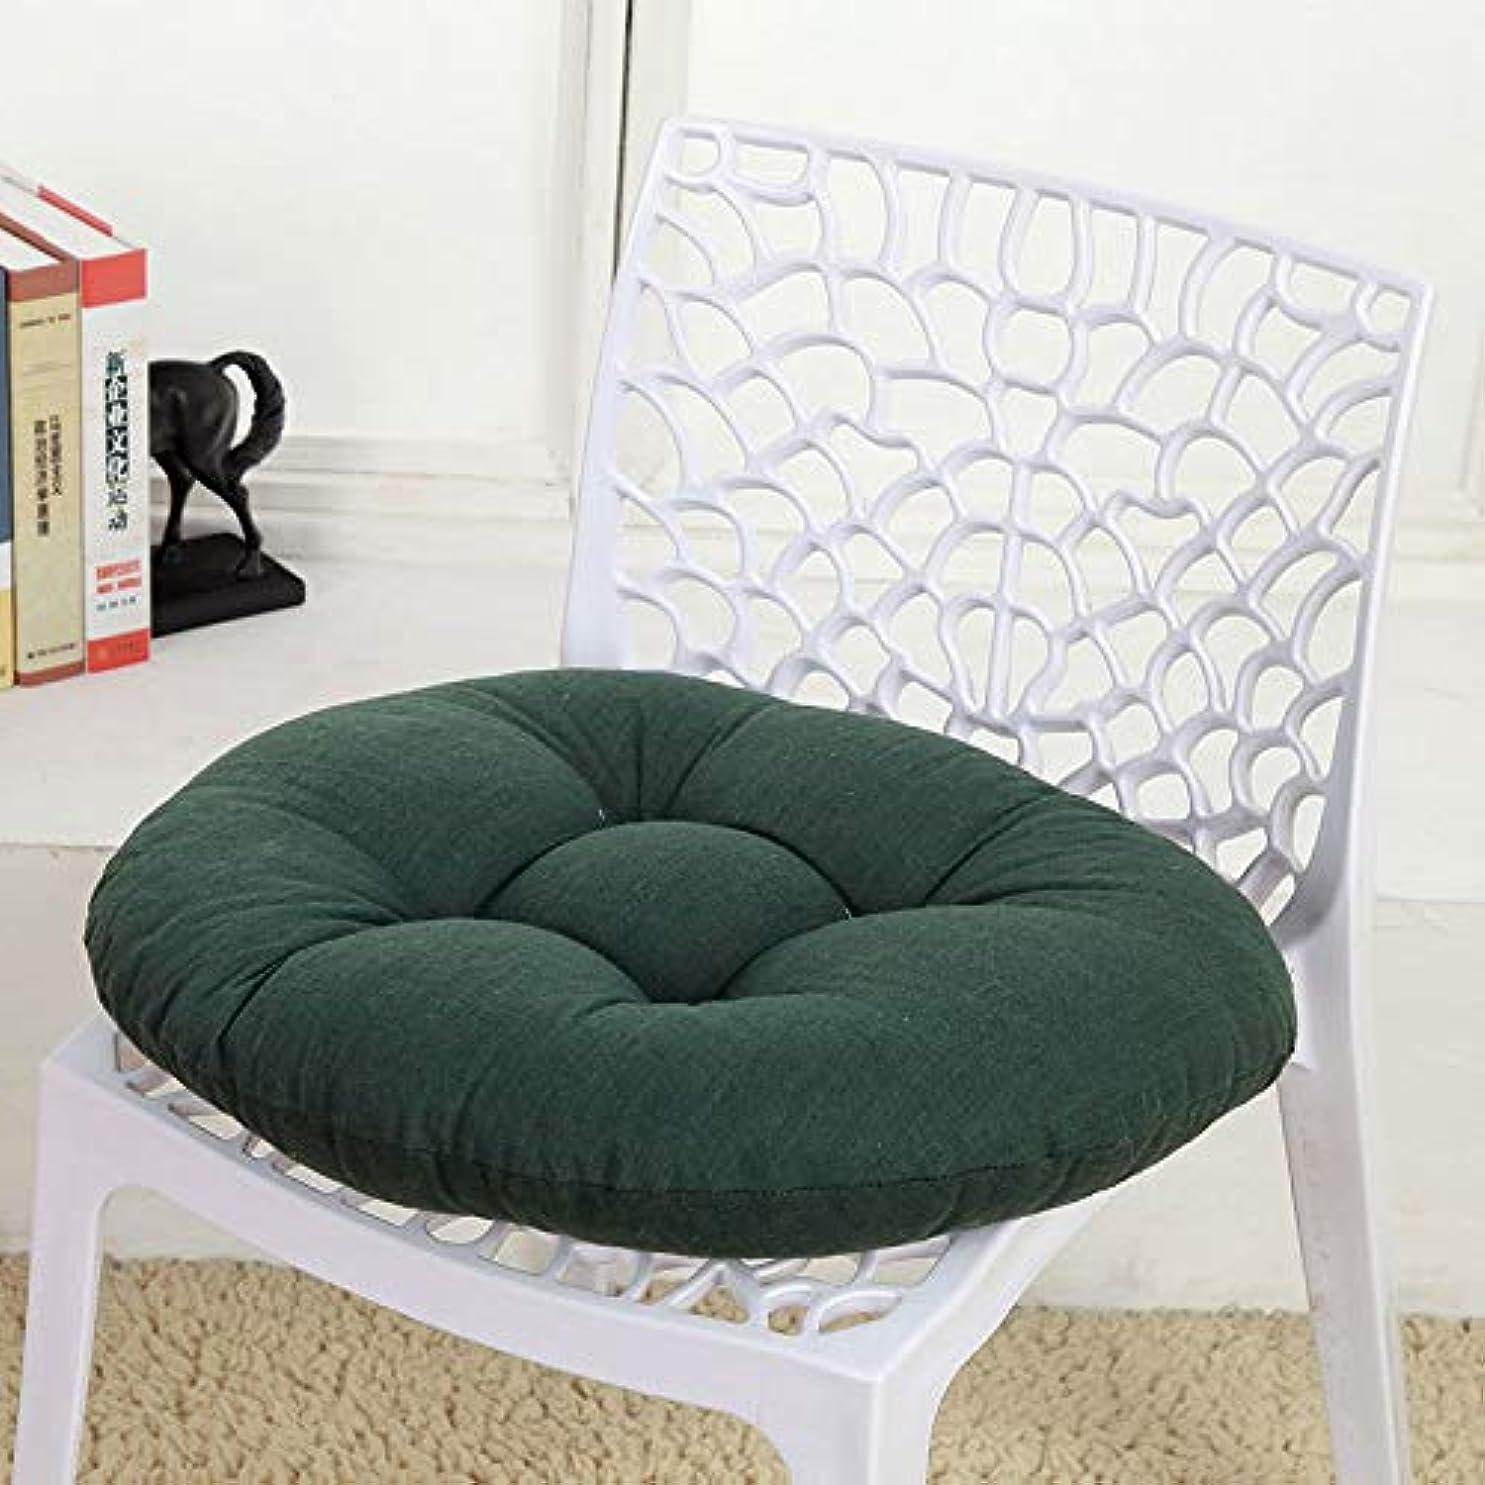 エクスタシーできない賭けSMART キャンディカラーのクッションラウンドシートクッション波ウィンドウシートクッションクッション家の装飾パッドラウンド枕シート枕椅子座る枕 クッション 椅子